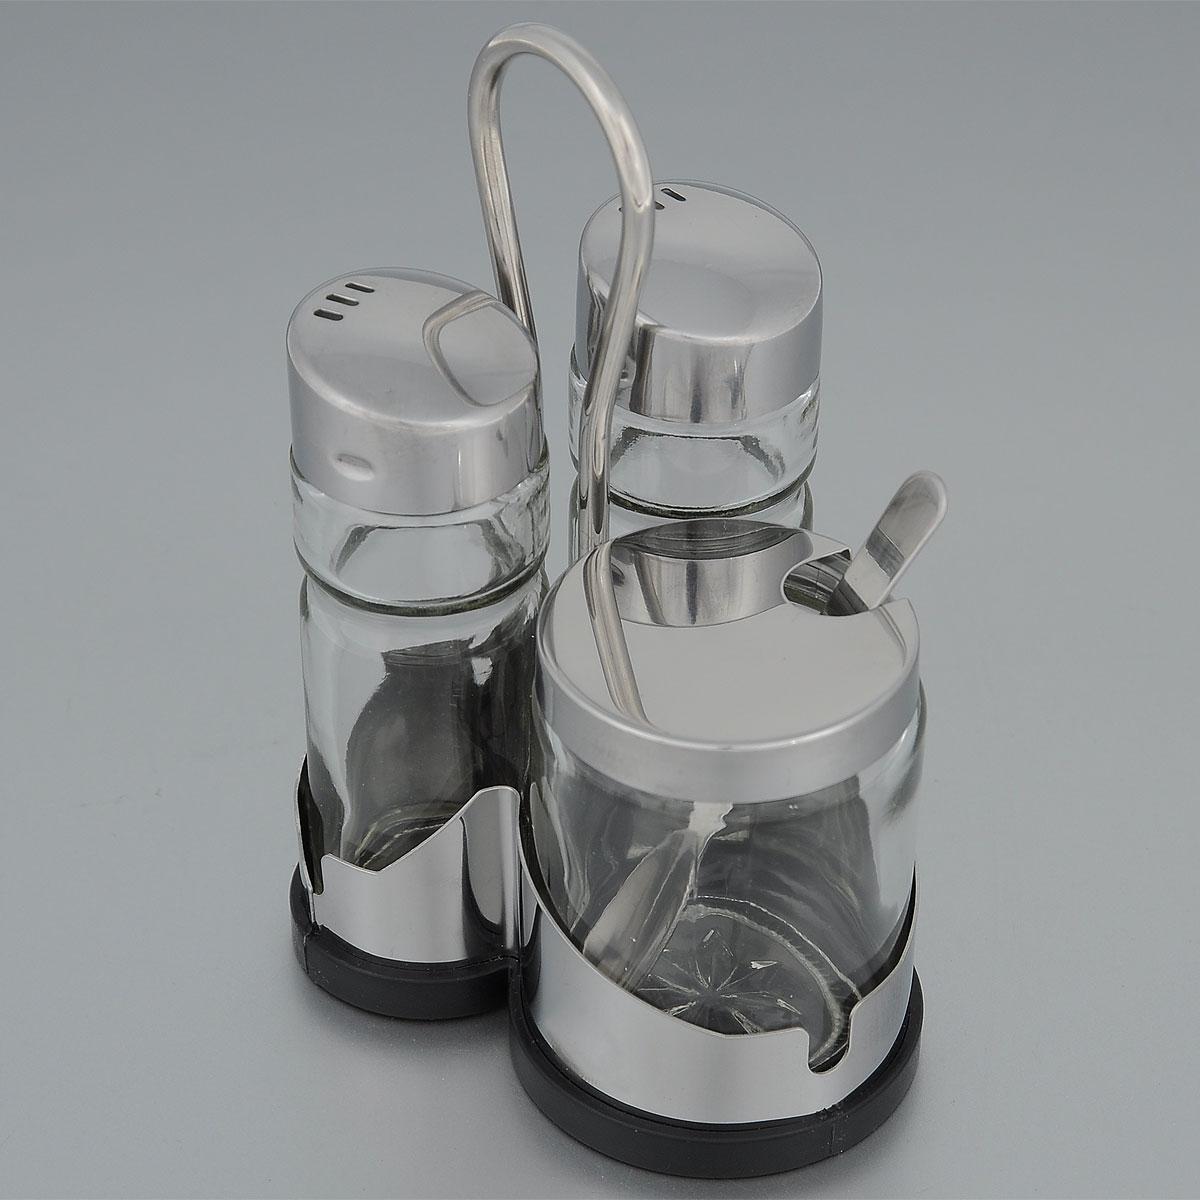 Набор диспенсеров для соли, перца и горчицы Fackelmann, с ложечкой, 4 предмета46869Набор Fackelmann состоит из двух диспенсеров для соли и перца и емкости для горчицы с ложечкой. Предметы из набора выполнены из стекла и оснащены крышками из нержавеющей стали. Диспенсеры легко заполнить, достаточно открутить крышку и насыпать внутрь соль или перец. Емкости расположены на пластиковой подставке черного цвета с ручкой для удобной переноски.Набор Fackelmann изысканно украсит кухонный стол и станет незаменимым аксессуаром на вашей кухне. Можно мыть в посудомоечной машине.